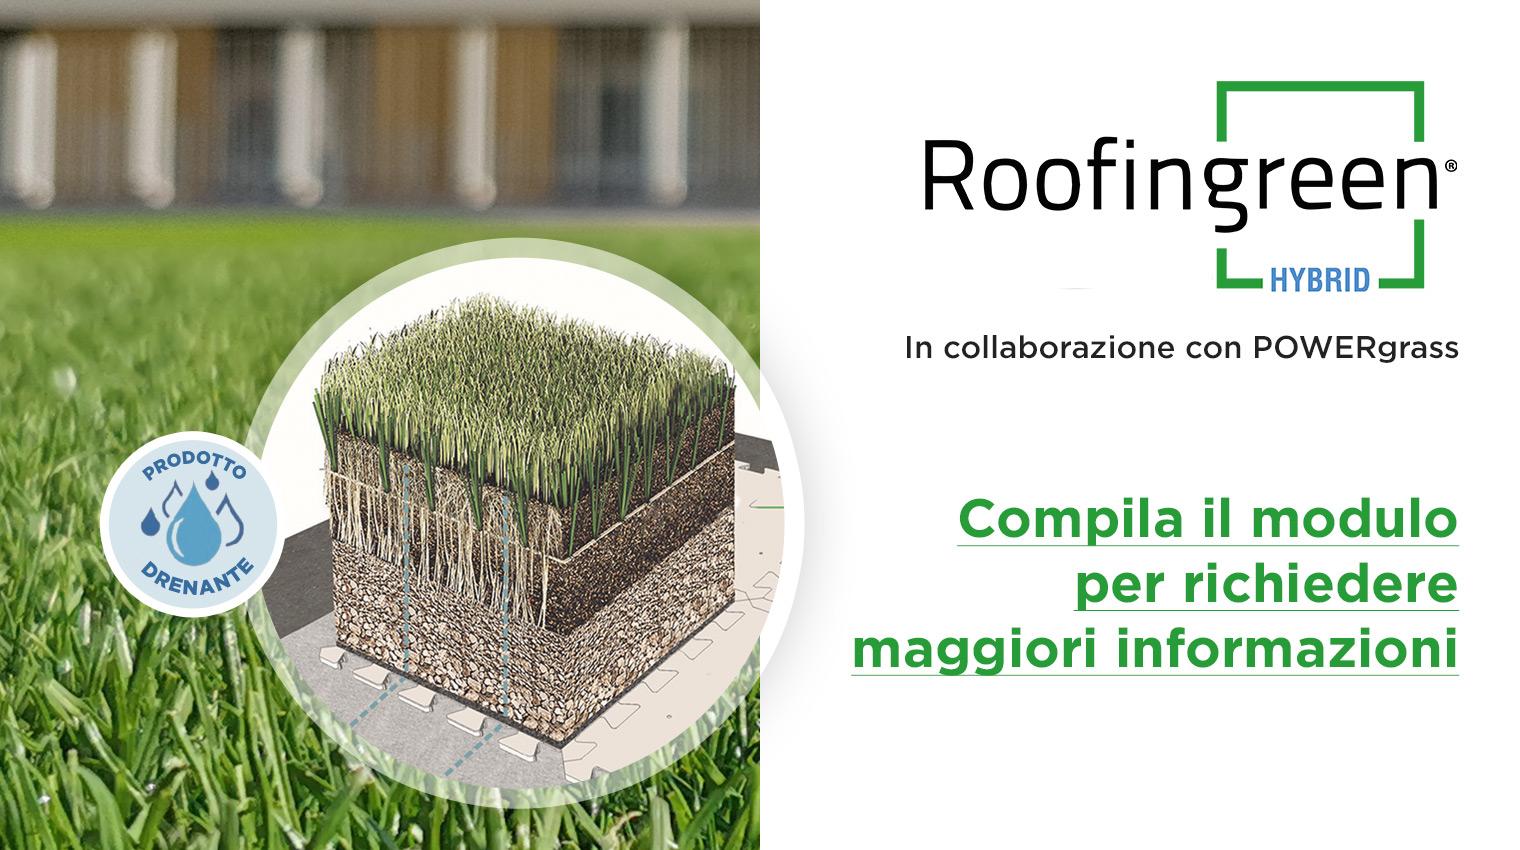 https://img.edilportale.com/upload/immaginidossier/633206/Roof_top_d.jpg